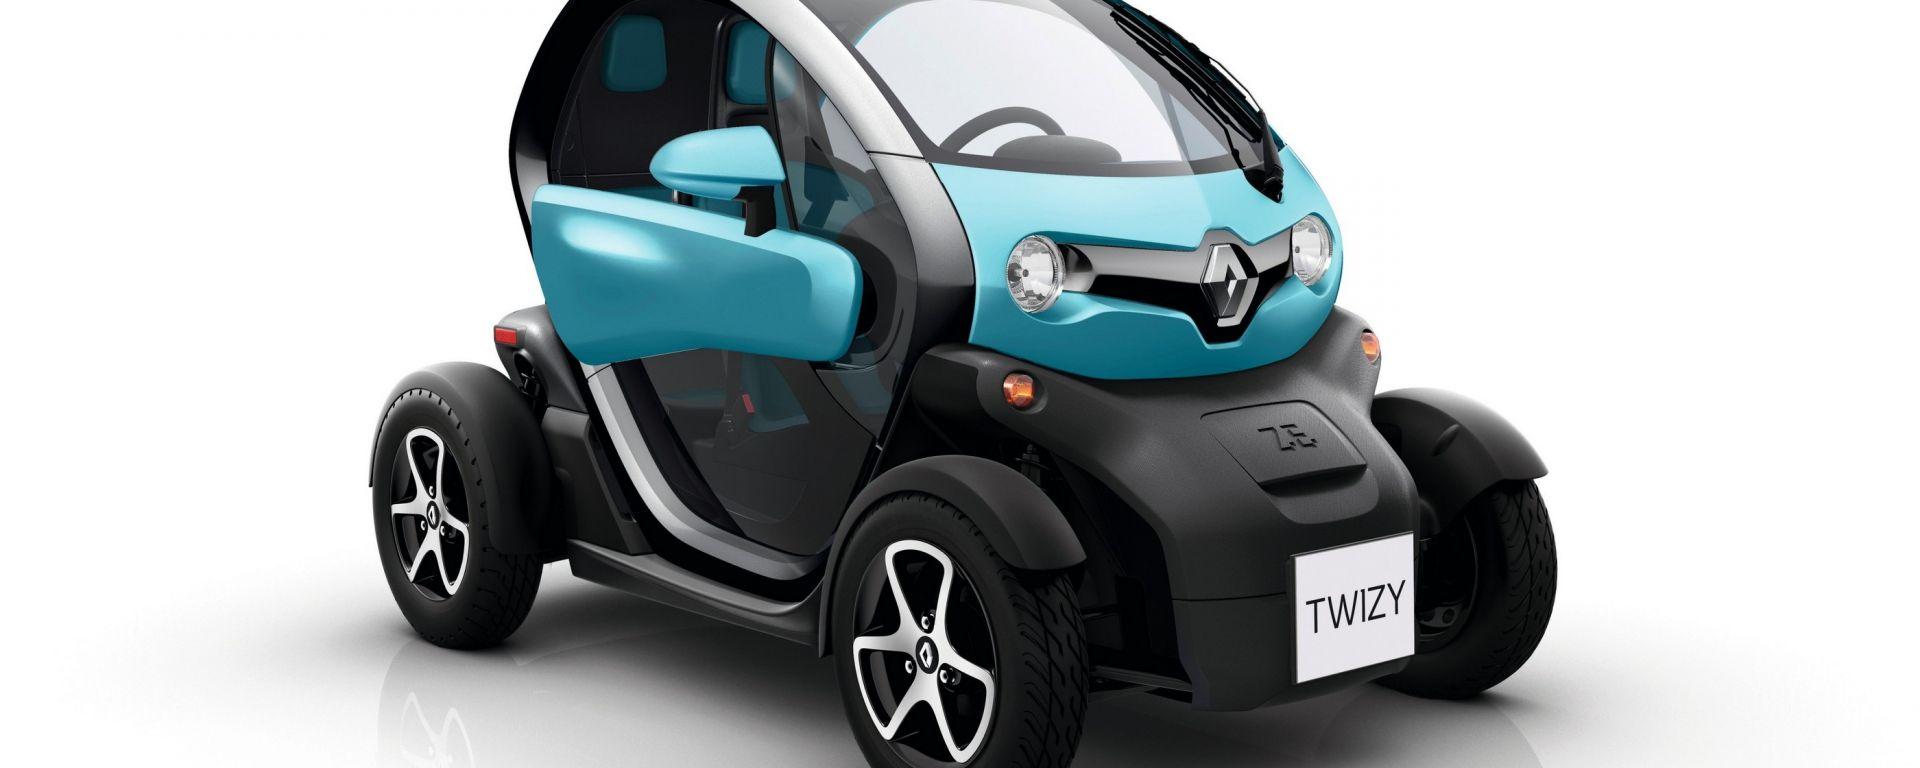 Enegan e Renault: l'auto elettrica per un mondo migliore